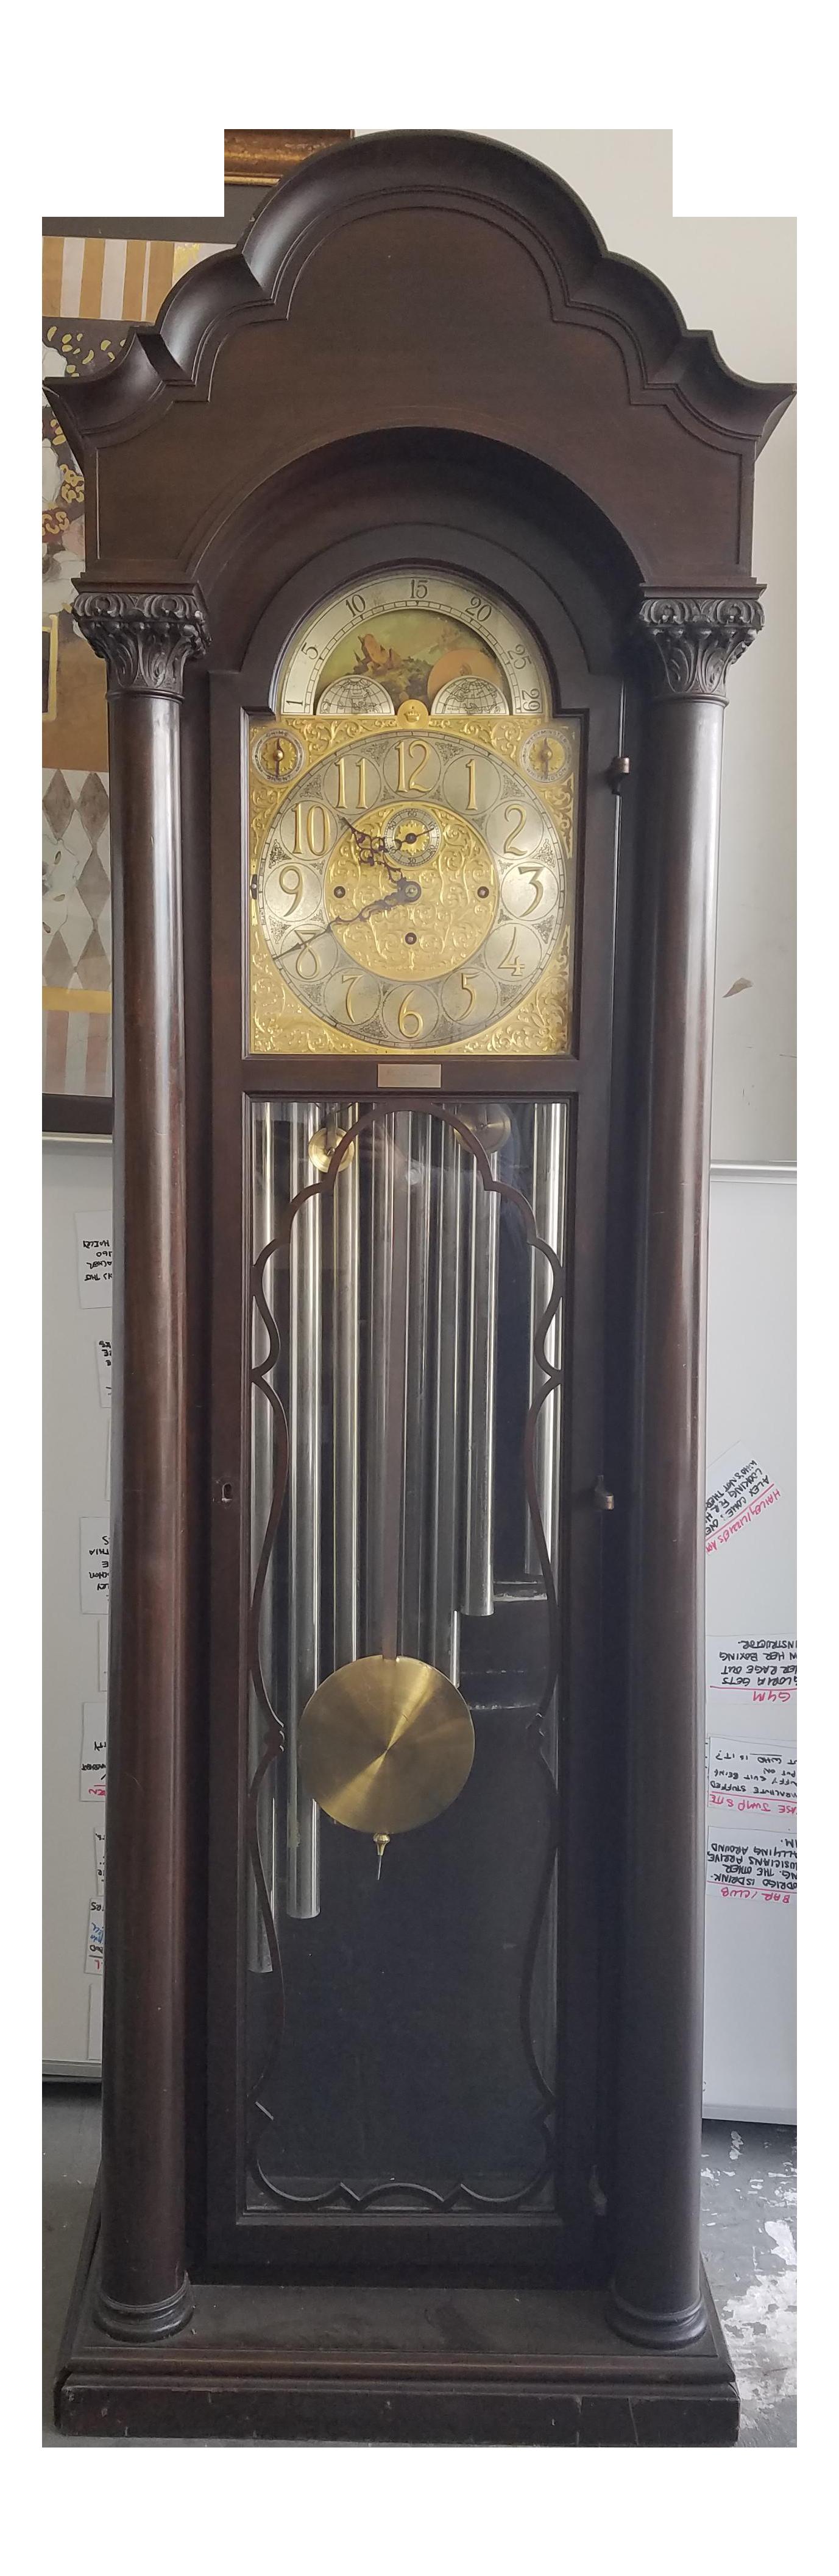 1919 Herschede Grandfather Clock Chairish